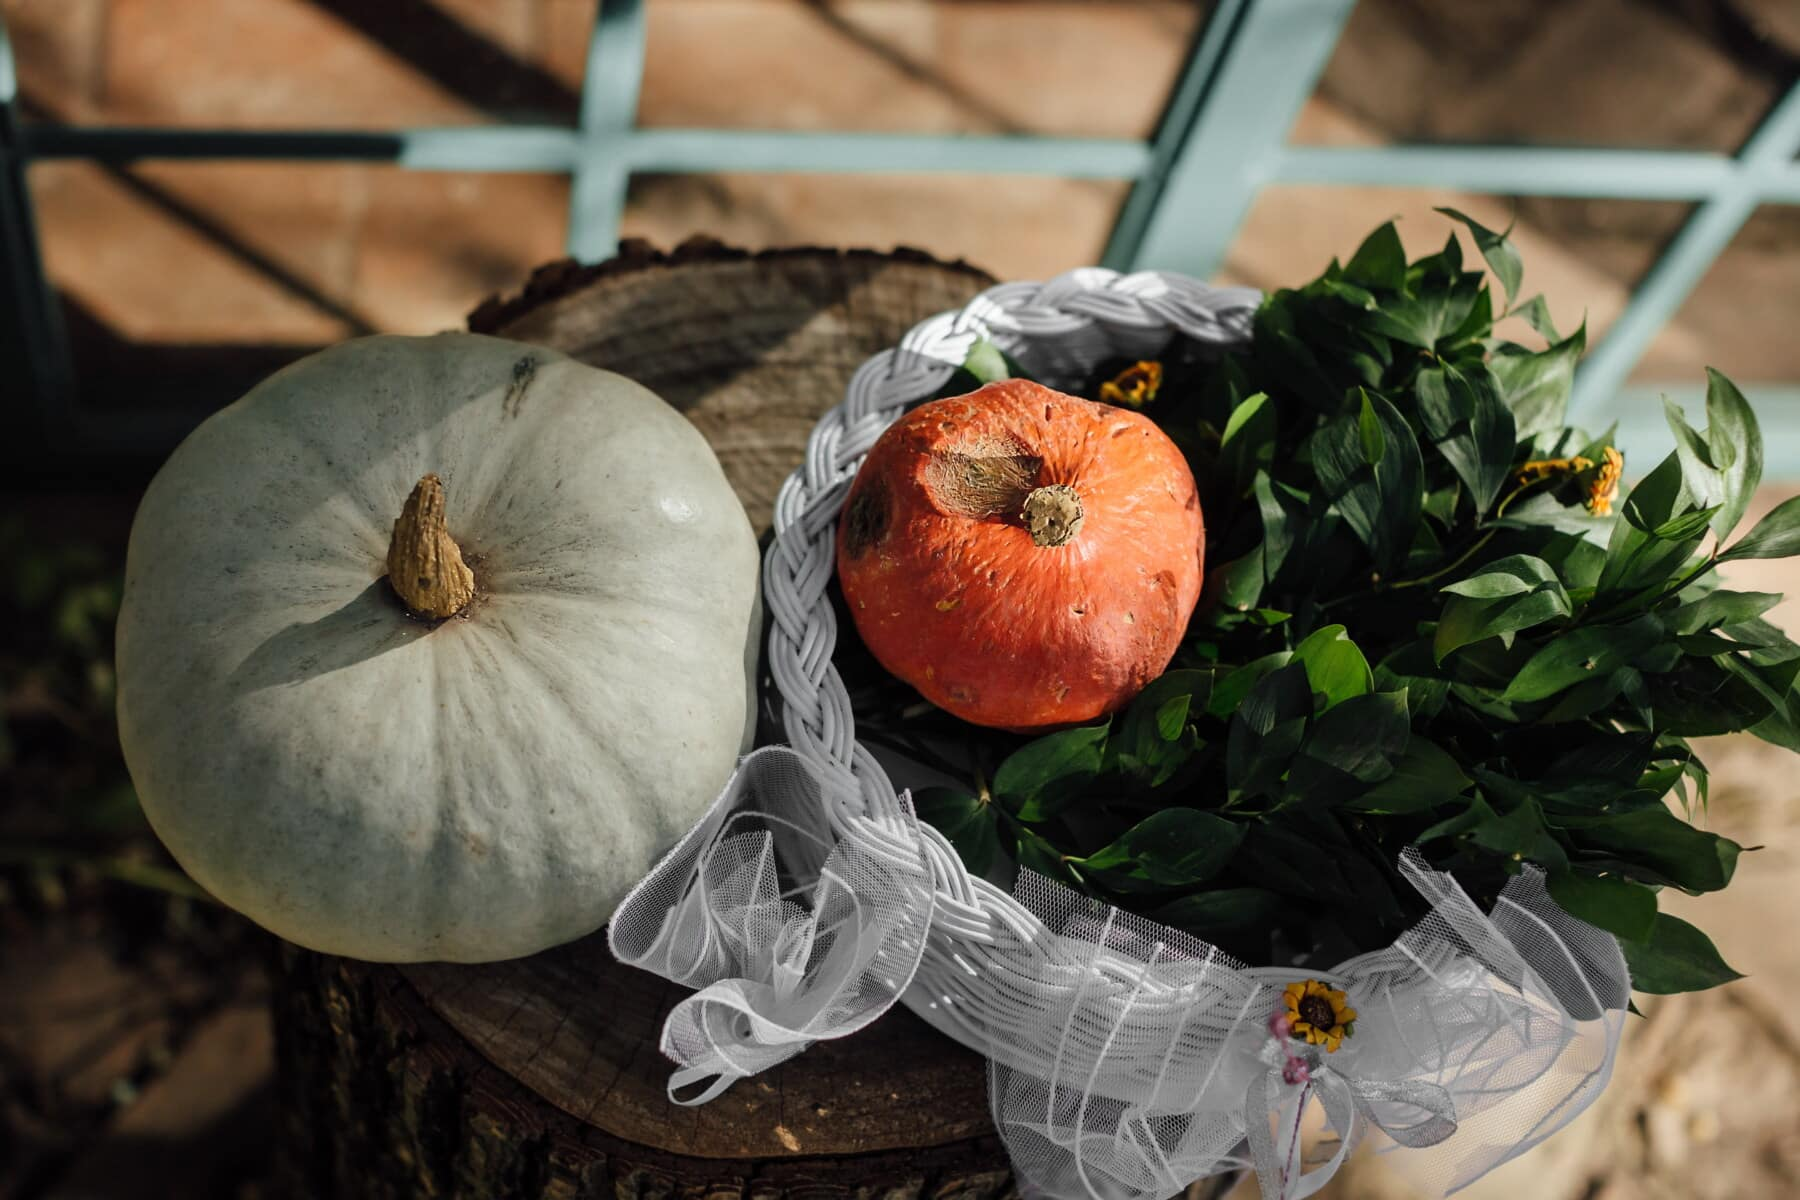 citrouille, décoration, nature morte, saison de l'automne, panier en osier, vintage, automne, courge, légume, produire